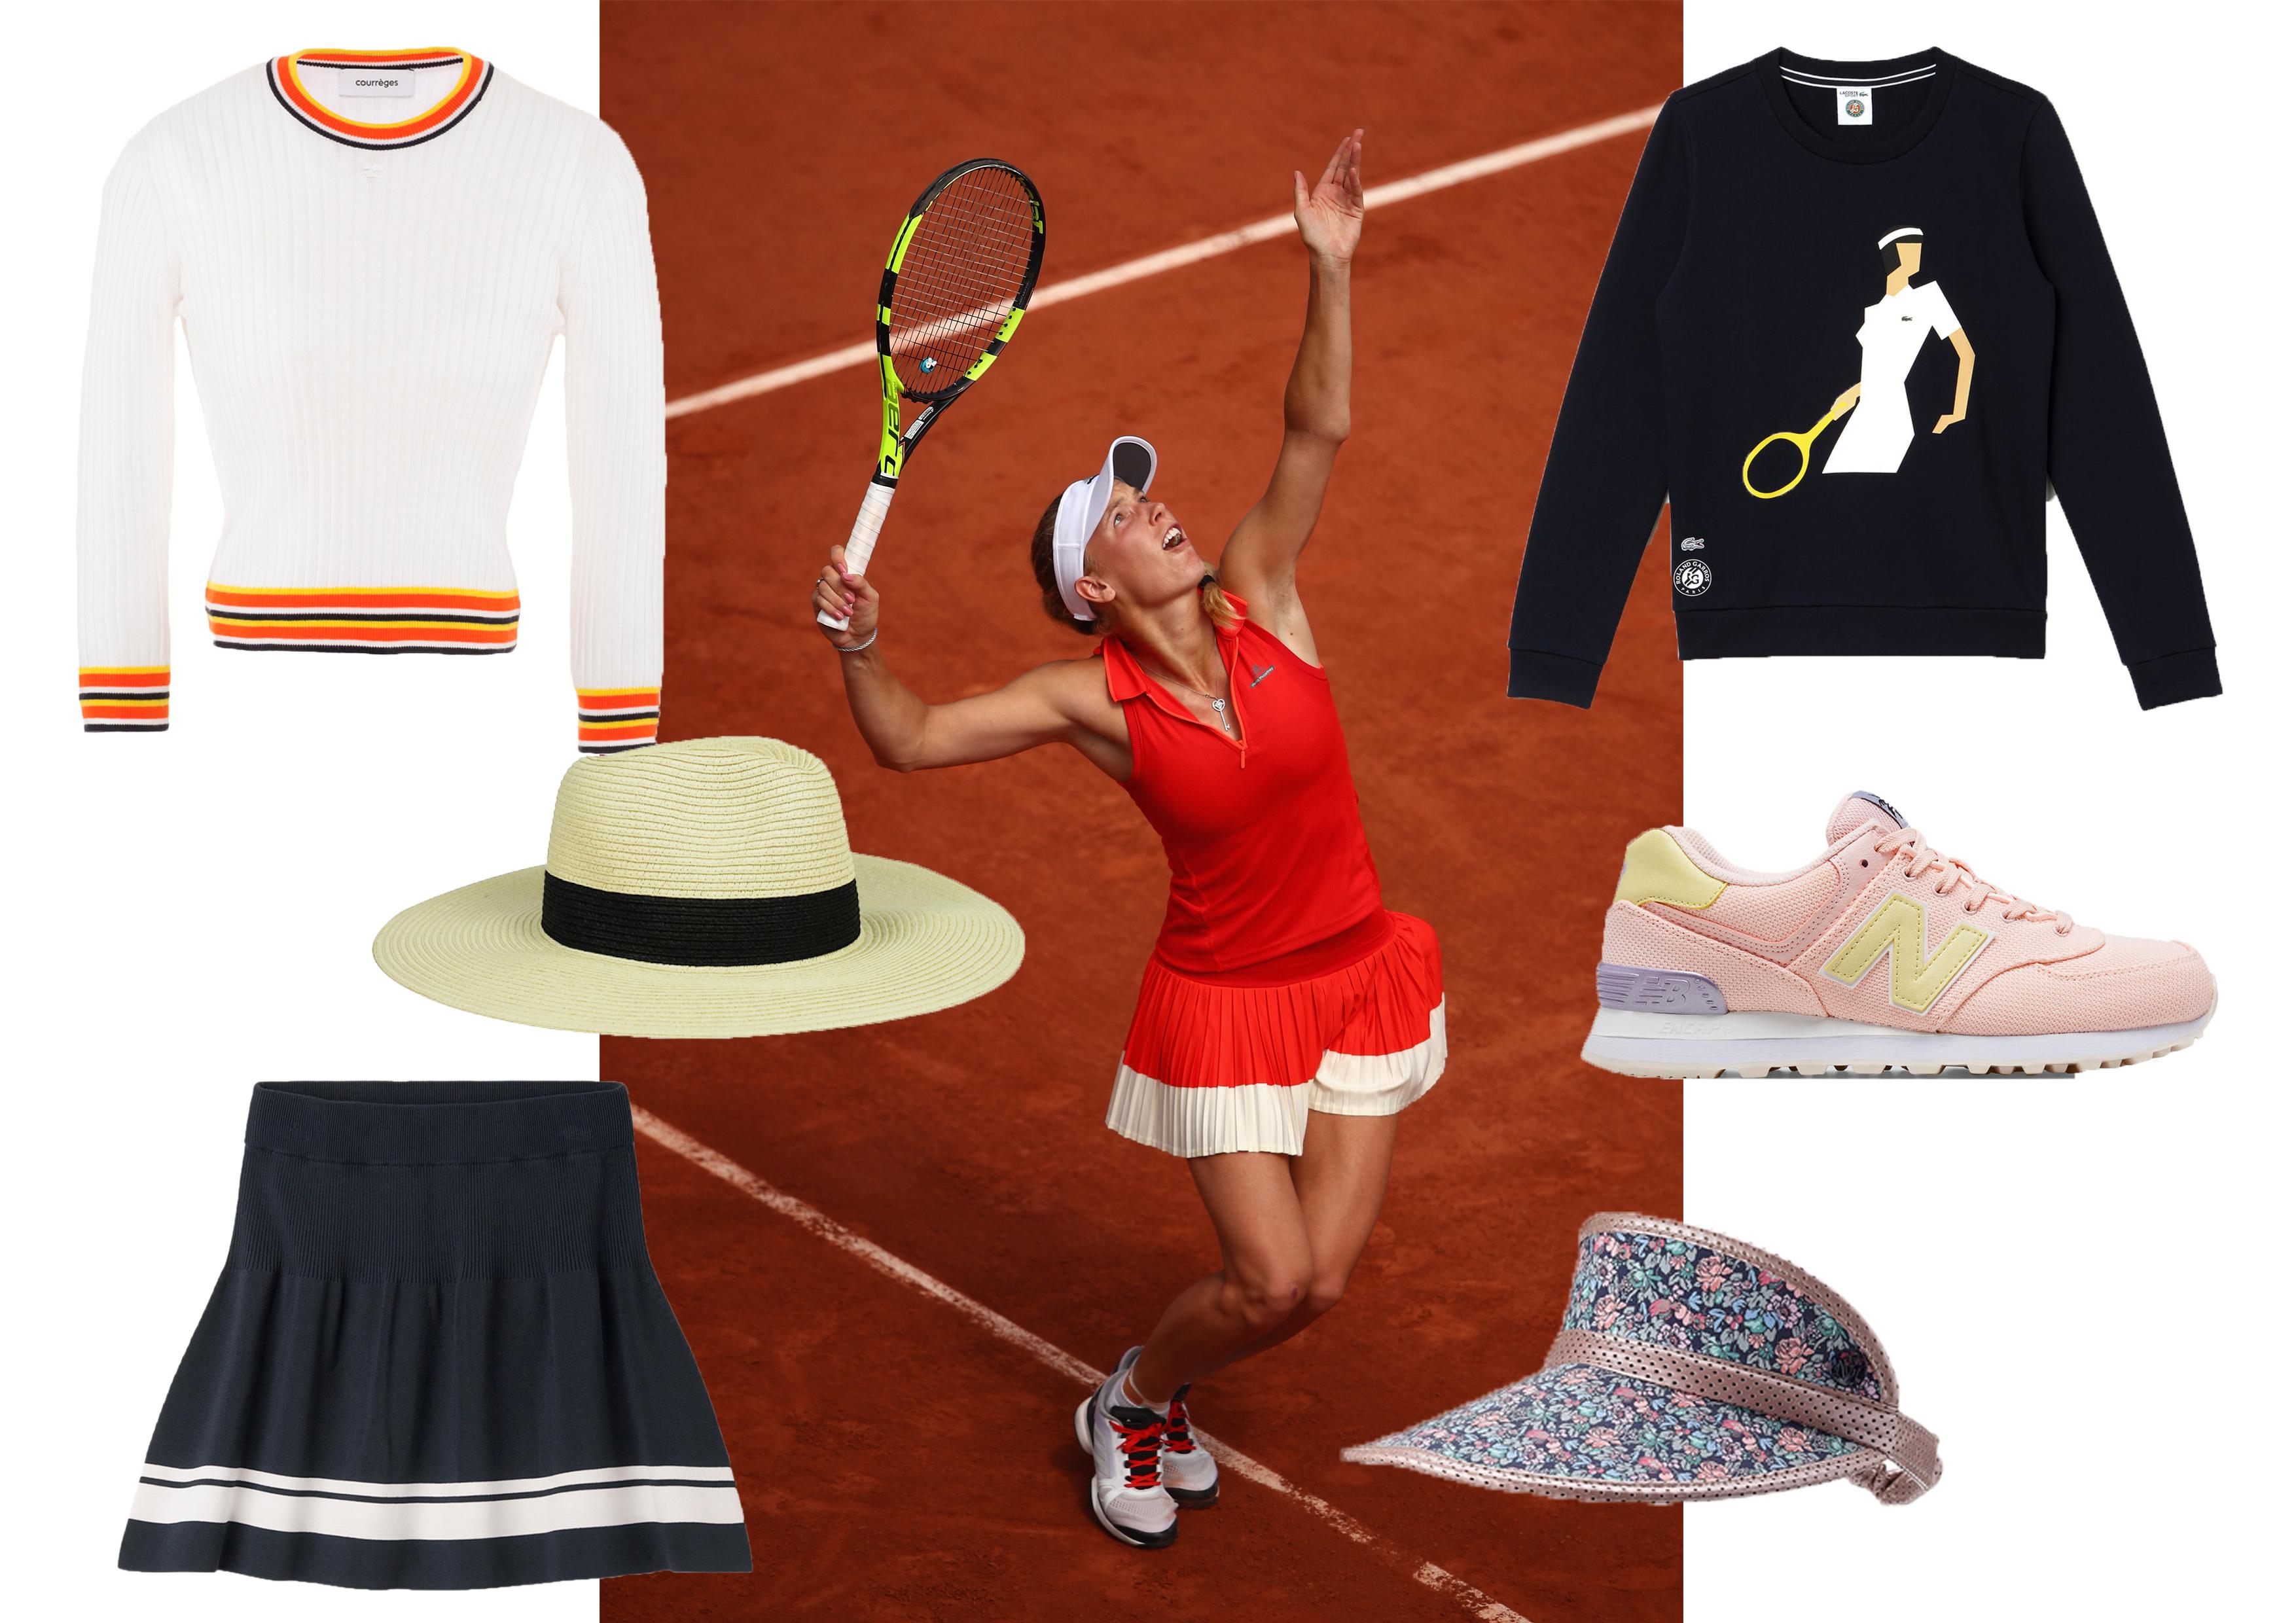 6a16ce7397 Tennis style : 15 pièces pour se mettre dans le mood de Wimbledon